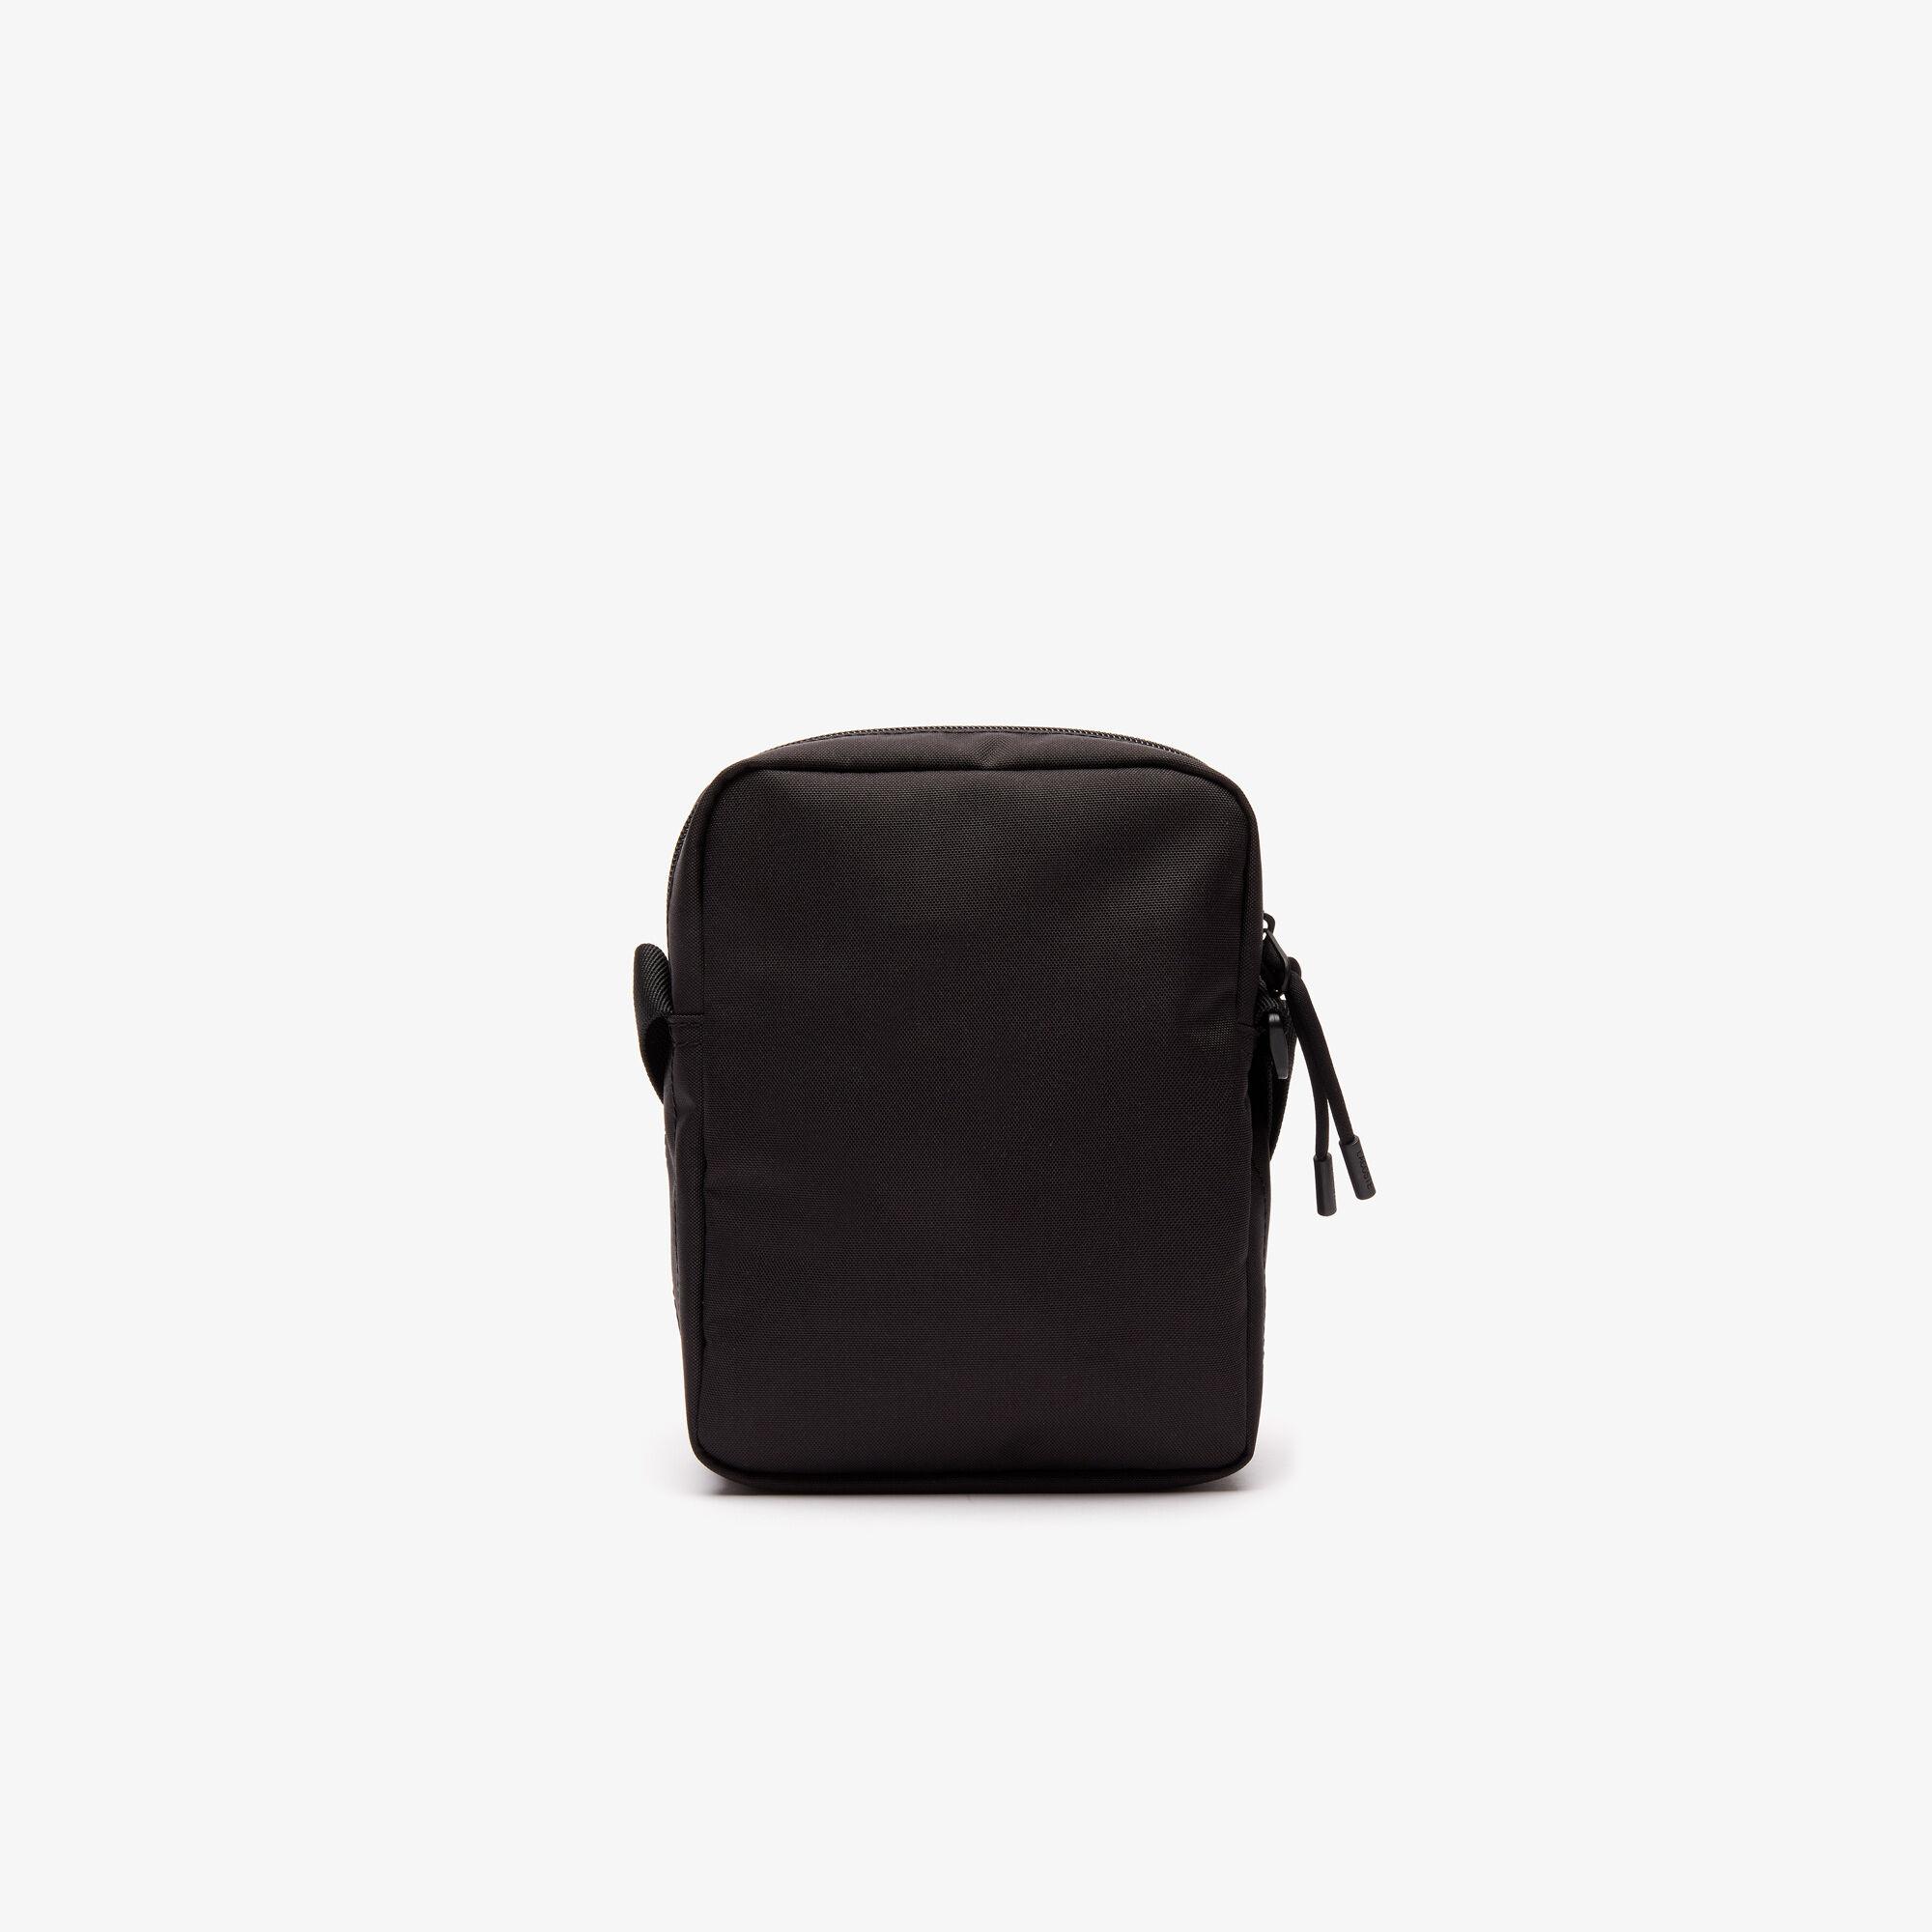 حقيبة رأسية لجميع الأغراض من الكانفا مجموعة Neocroc للرجال